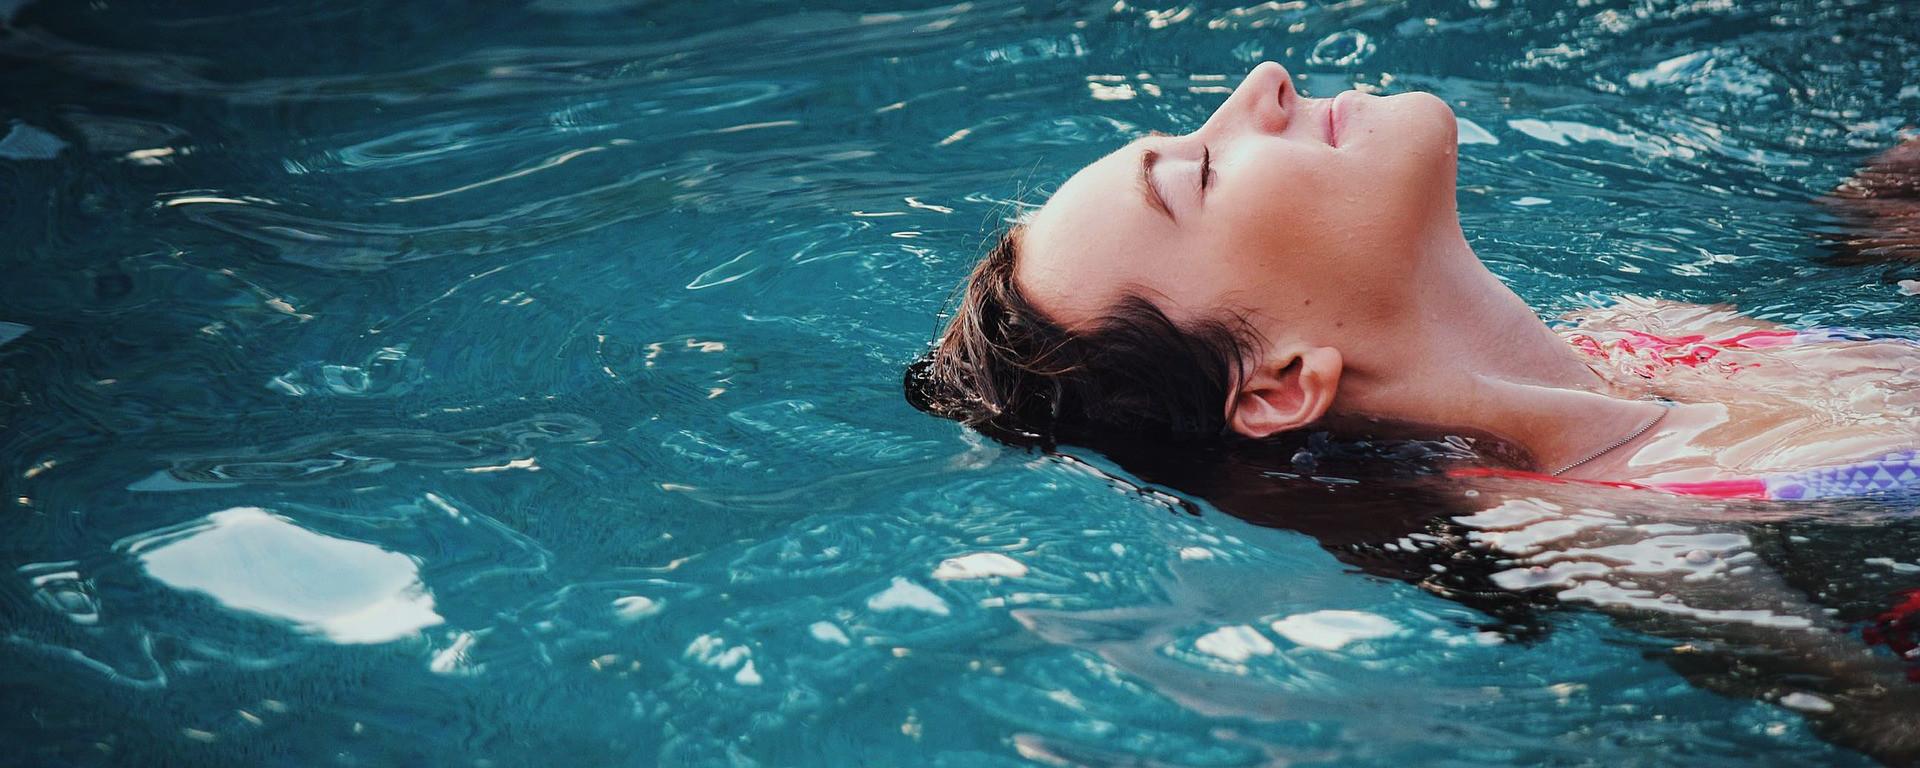 In der Wellness-Oase des SAVOY Hotel Frankfurt am Main erwartet Sie unser Pool, Sauna und Relax-Bereiche.